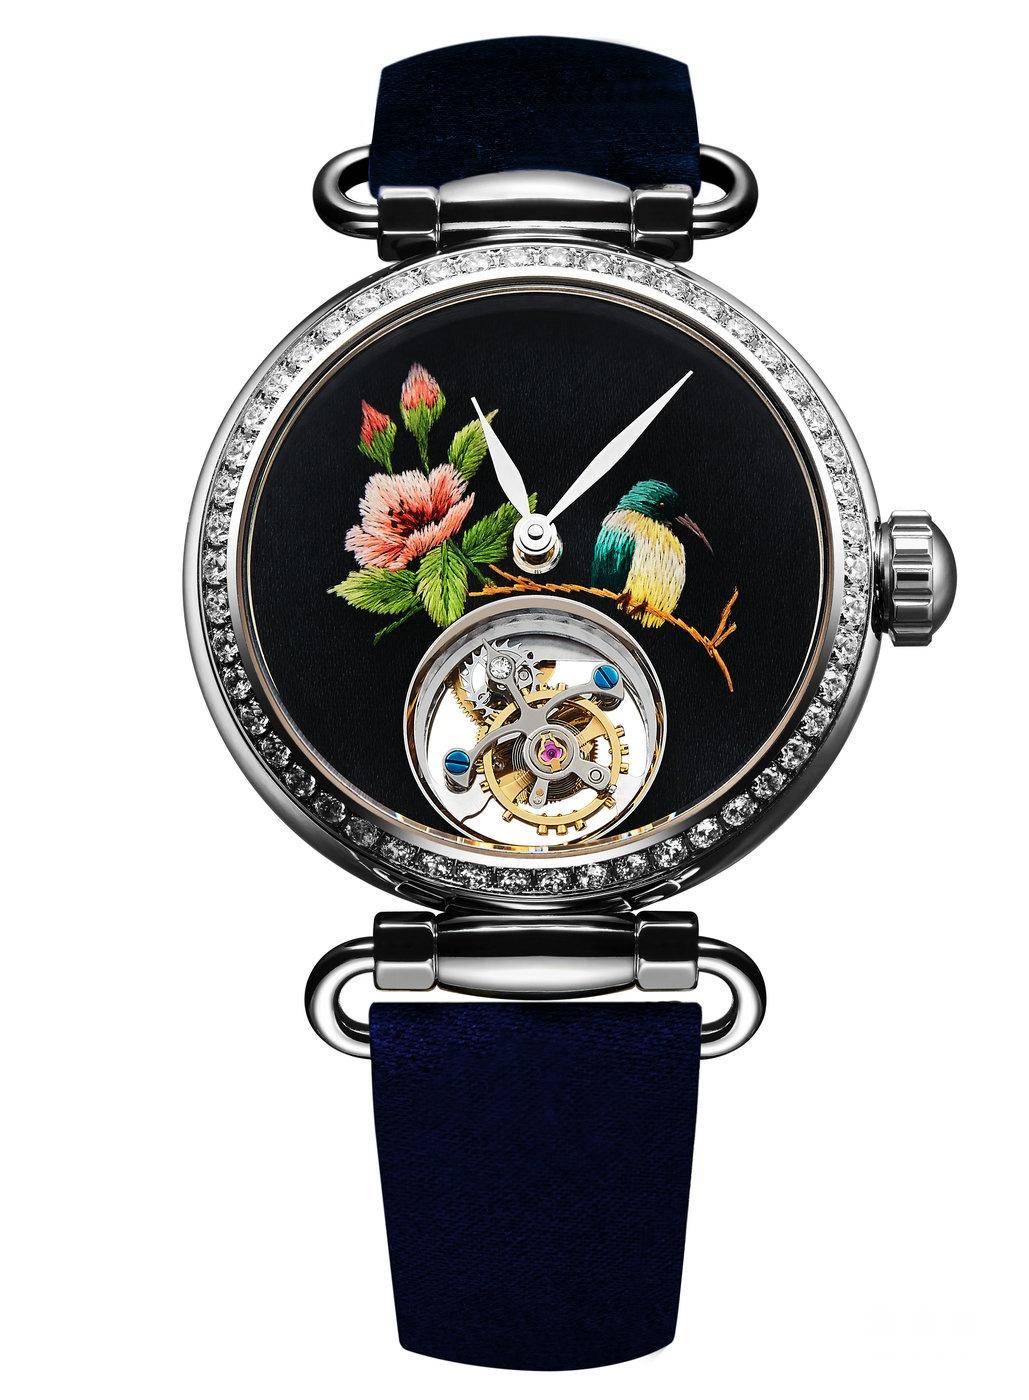 """在外观设计领域,海鸥也不乏深具设计创意的腕表作品,""""润世""""腕表以中国"""